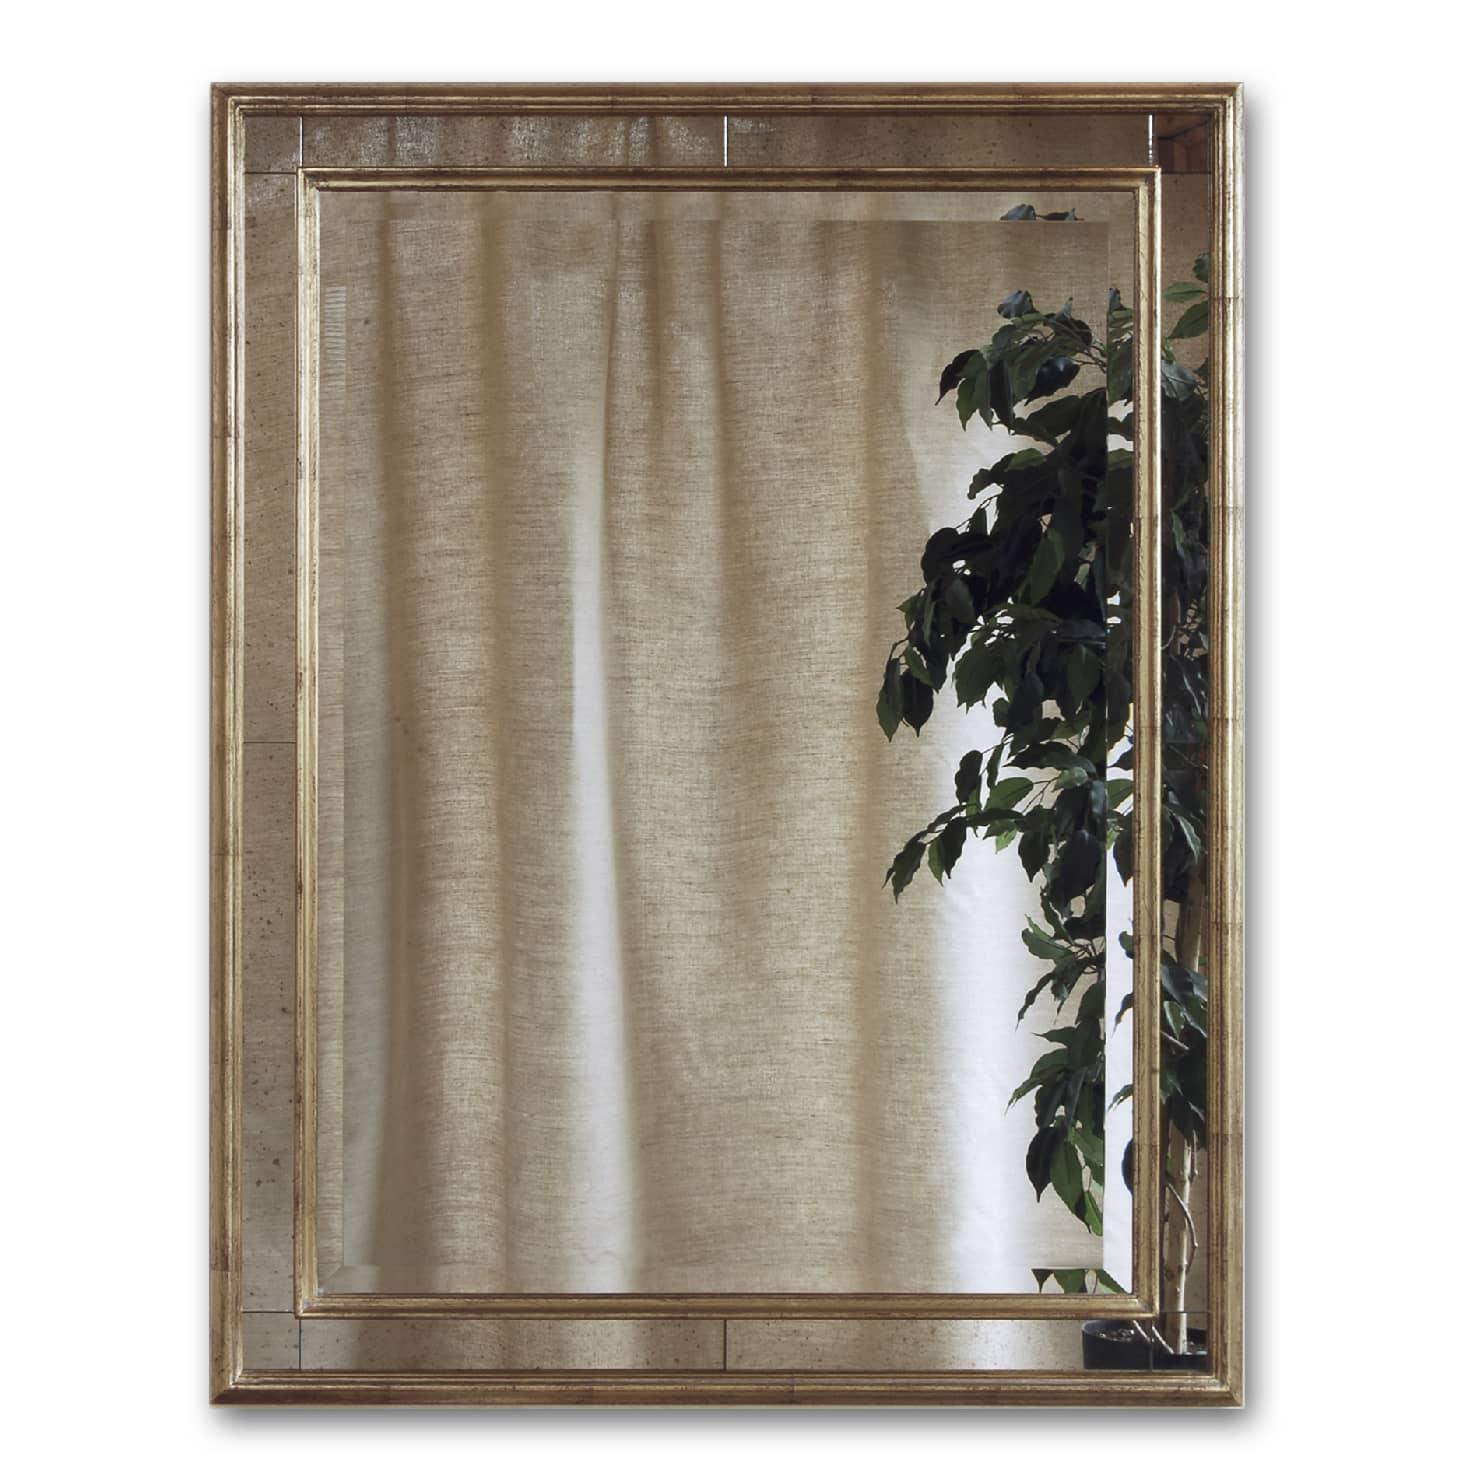 Nutley Framed Mirror